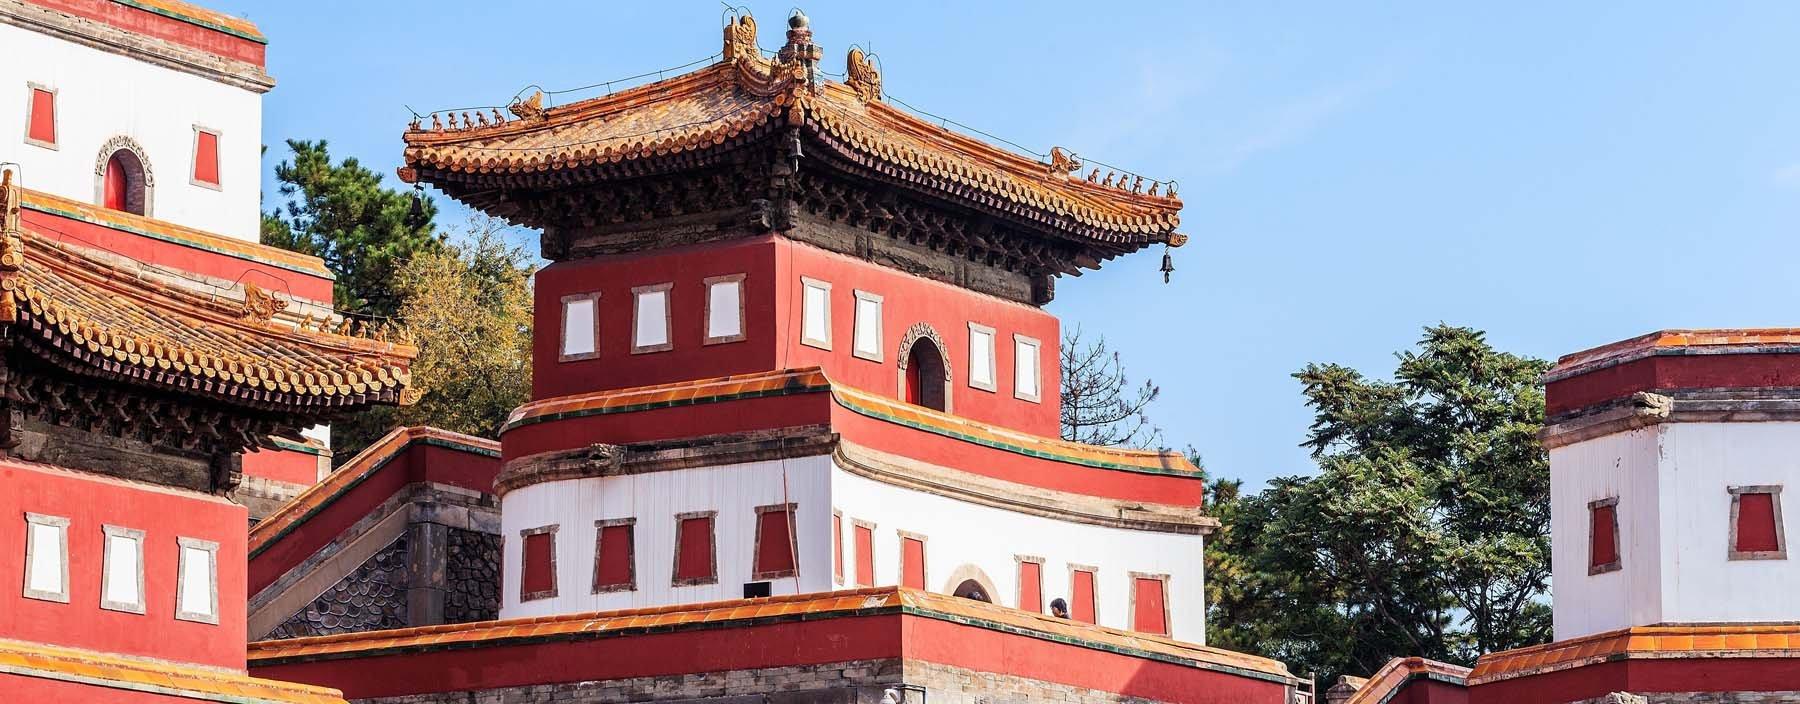 cn, chengdu, tibetaanse wijk.jpg